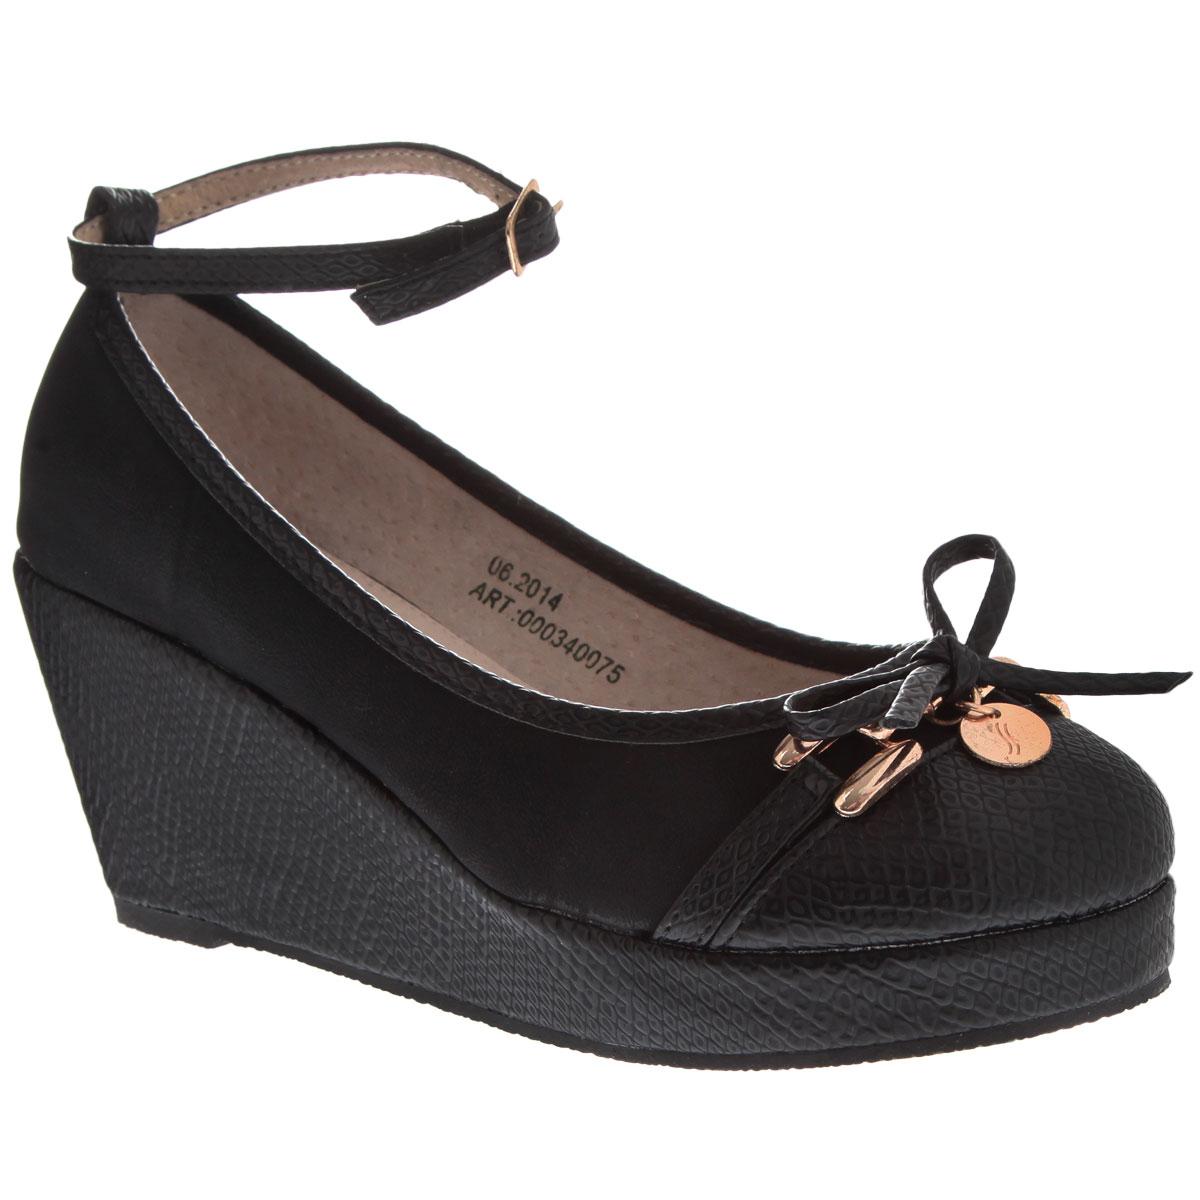 Туфли для девочки Аллигаша, цвет: черный. 000340075. Размер 34000340075Симпатичные модные туфли для девочки от торговой марки Аллигаша придутся по вкусу юным модницам. Модель выполнена из высококачественной искусственной кожи с тиснением под рептилию и искусственного нубука. Мыс украшен аккуратным бантиком и стильной фурнитурой. Подклад и стелька выполнены из натуральной кожи.Изящный съемный ремешок позволяет использовать данную модель, как с ним, так и без него. Туфли на танкетке и не большой платформе очень комфортны и удобны в носке. Эти туфли созданы для стильных юных модниц!